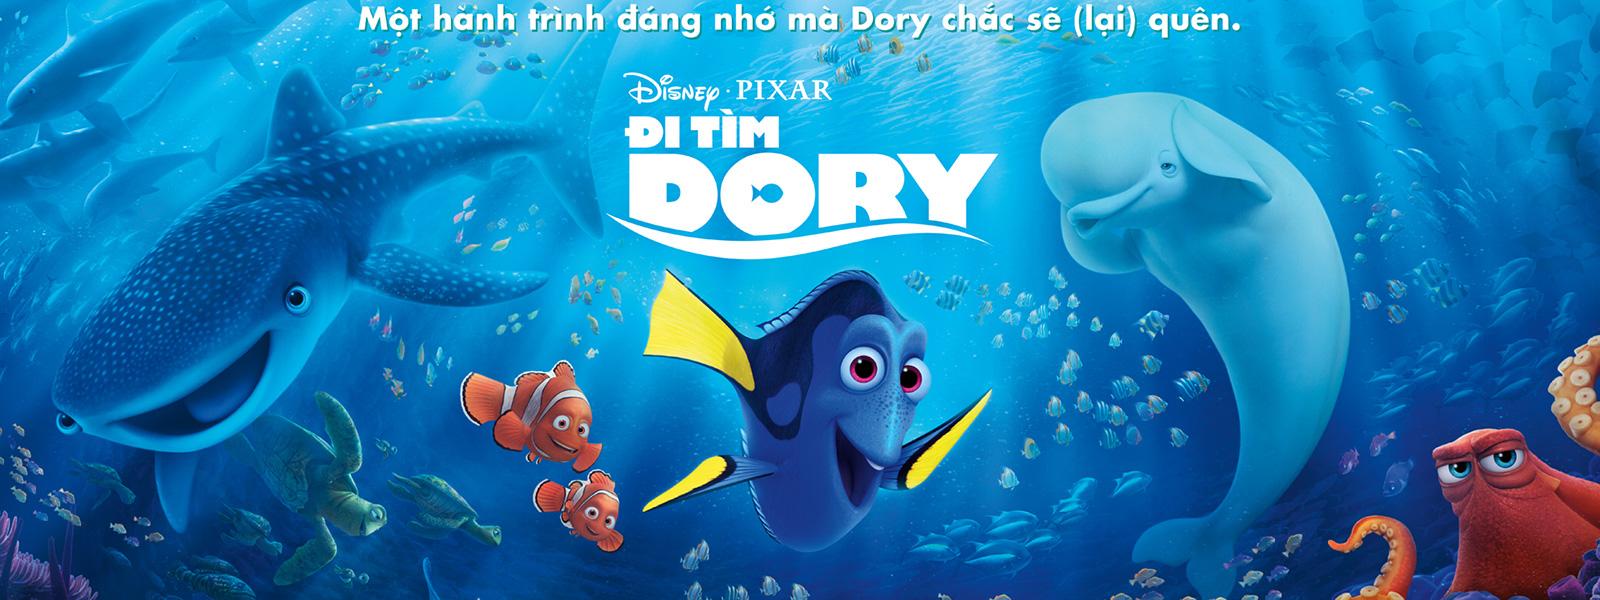 Xem Phim Đi Tìm Dory